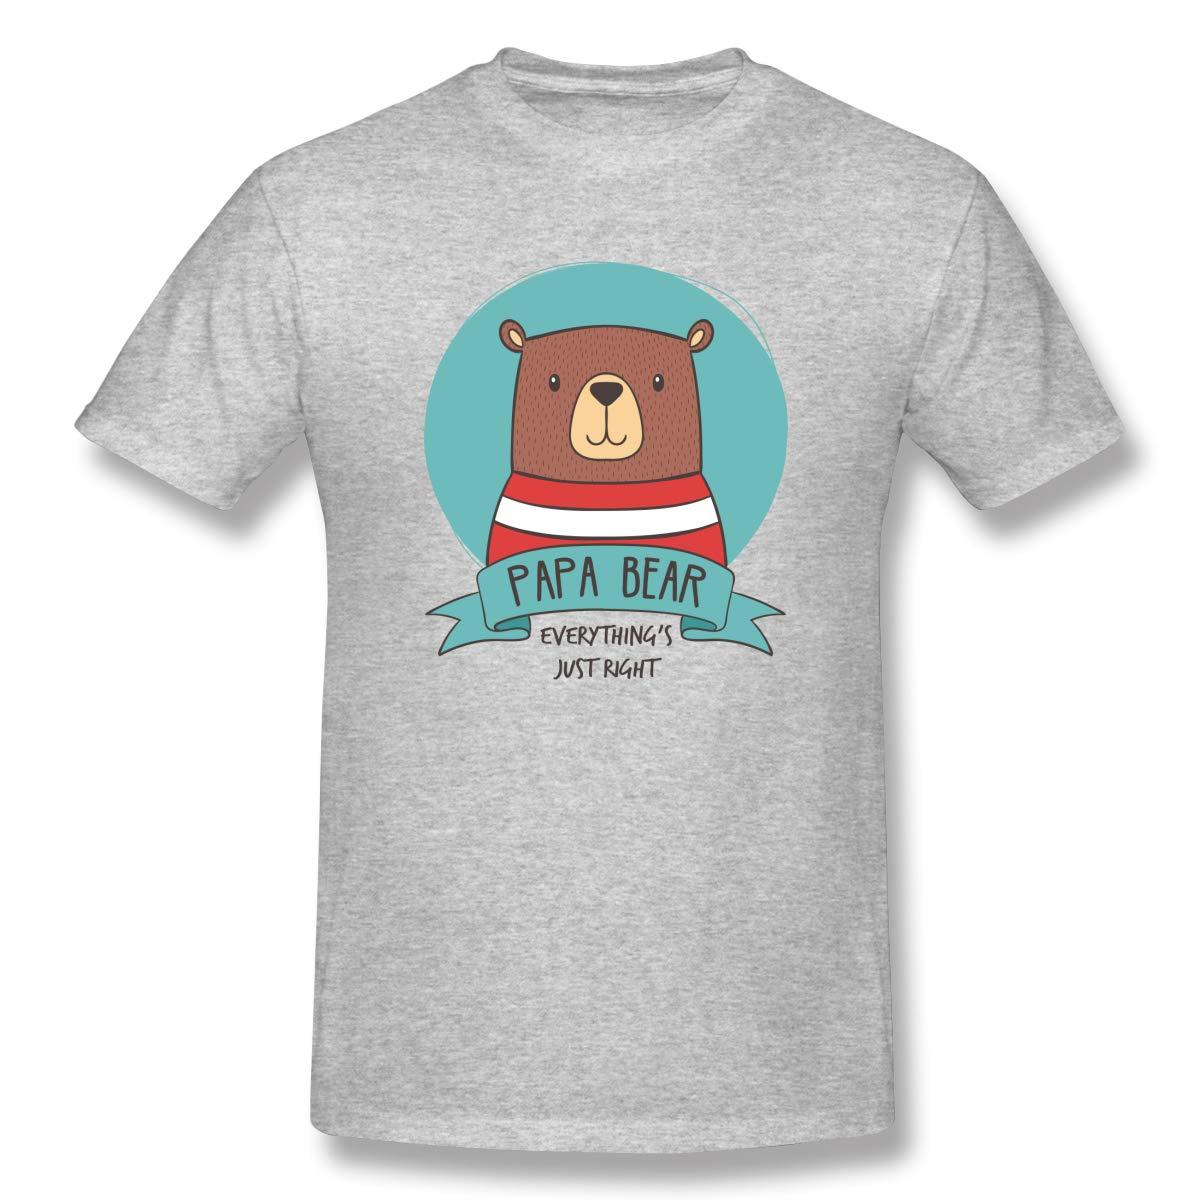 Navy S Papa Bear Classic Tshirt Gray With Short Sleeve